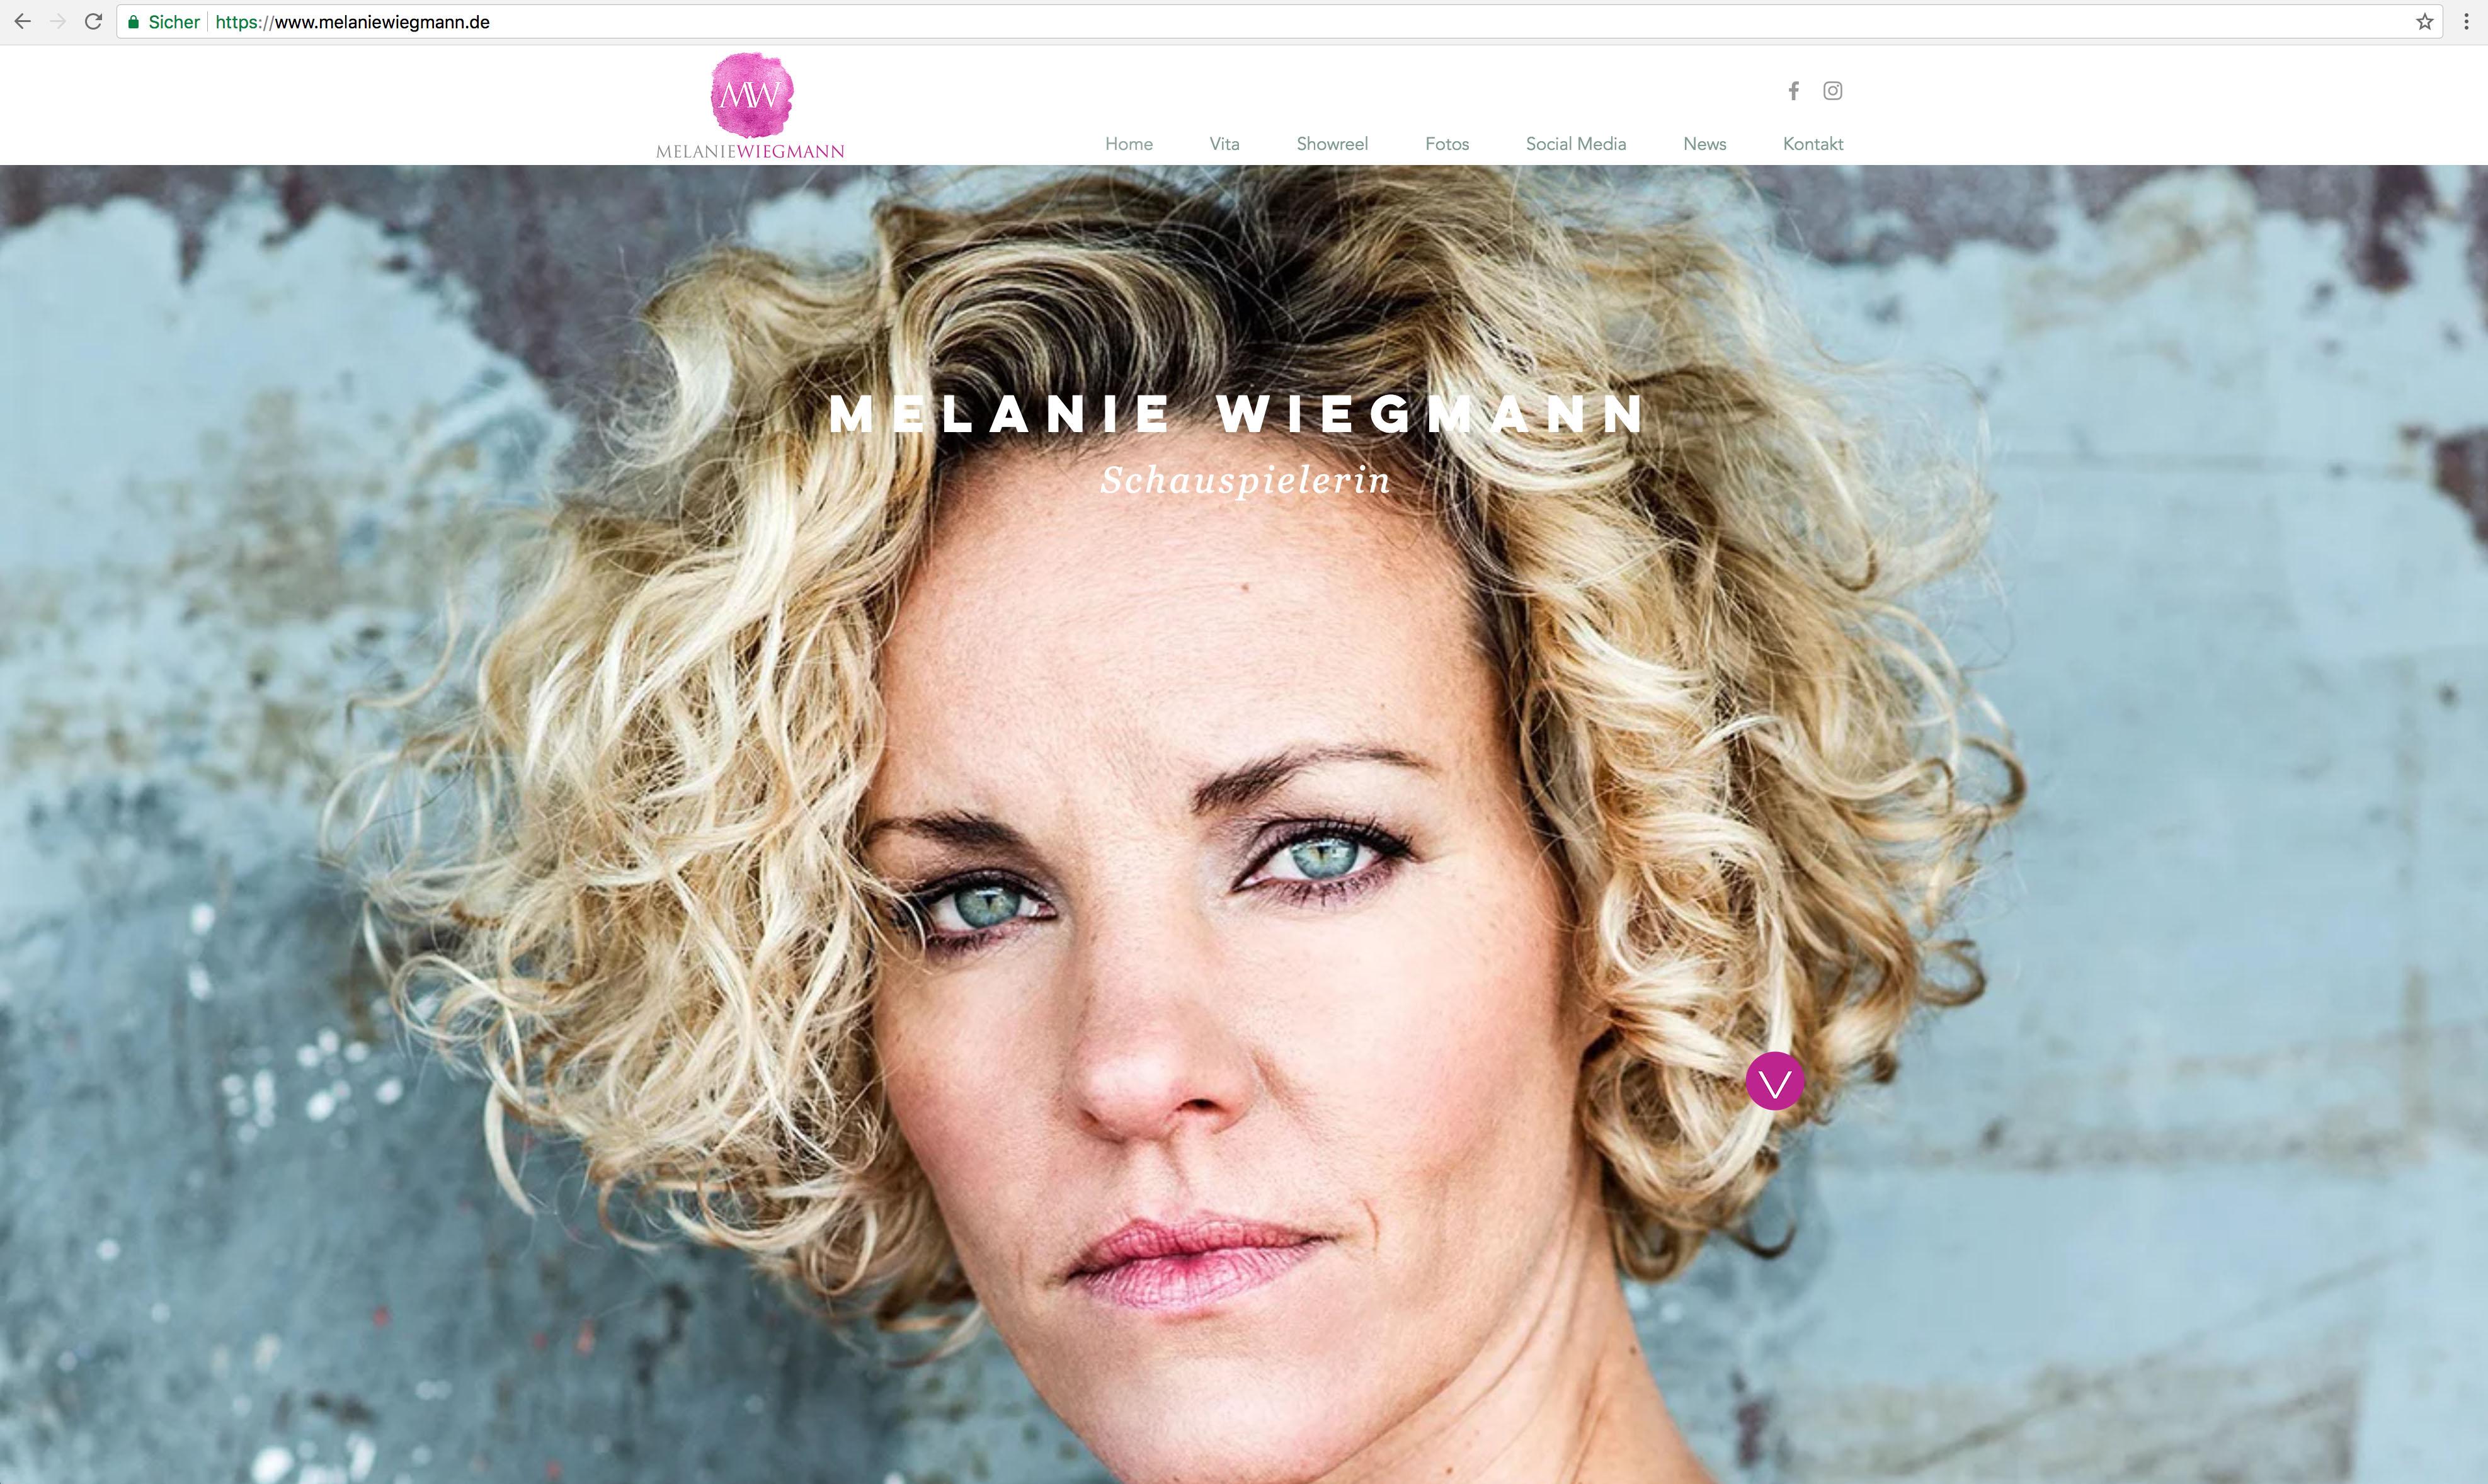 Melanie Wiegmann - Startseite